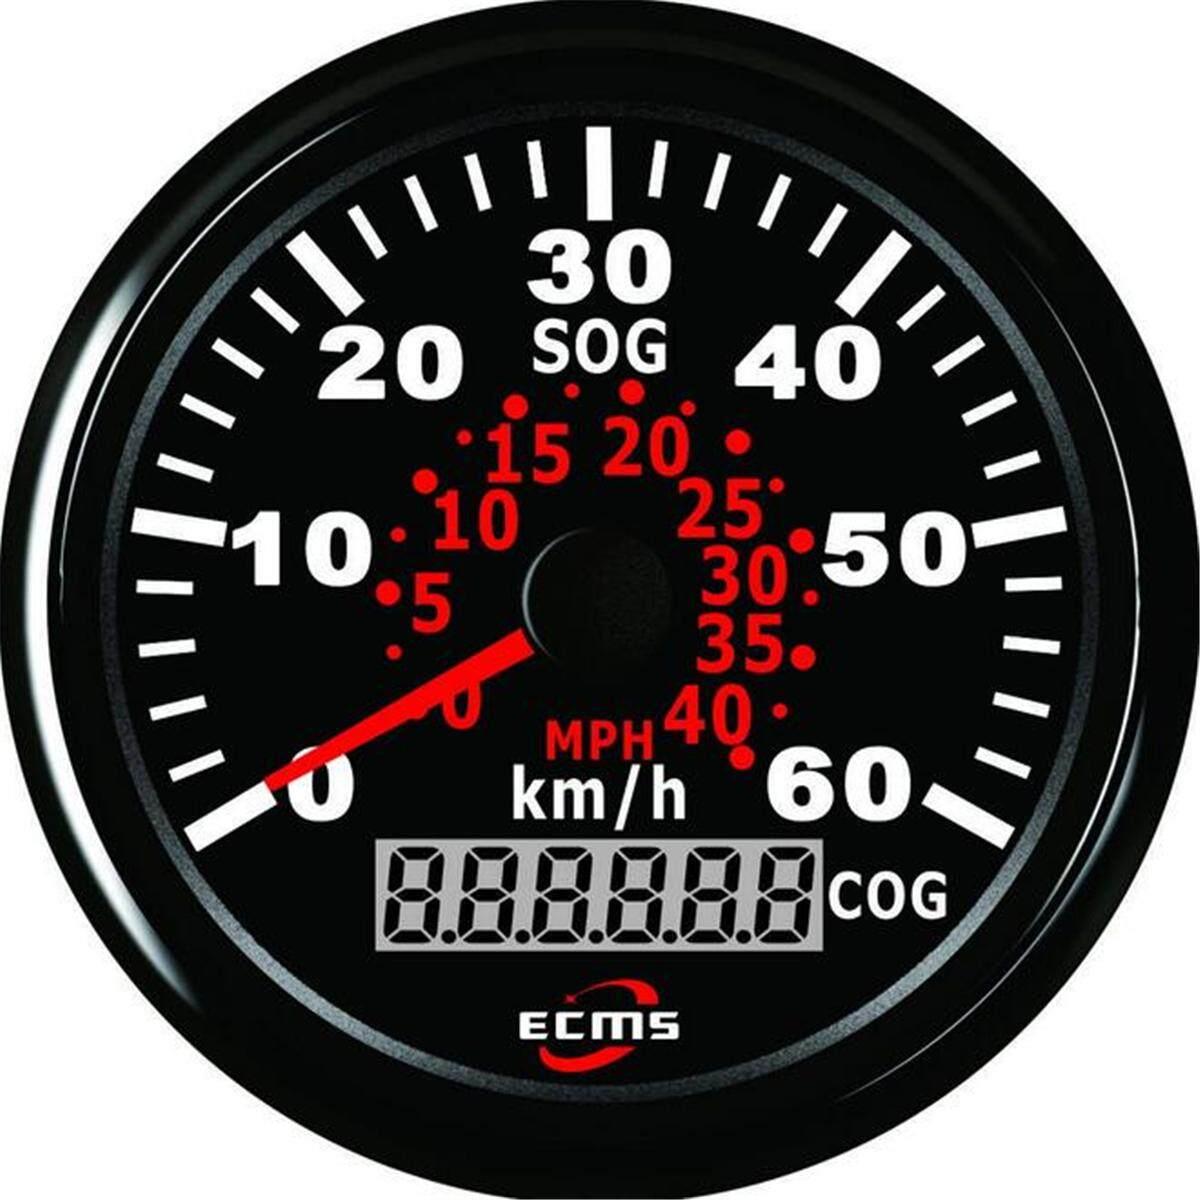 Au 85mm Waterproof Auto Car Truck Marine Speedometer Gauge Gps Digital Odometer By Glimmer.